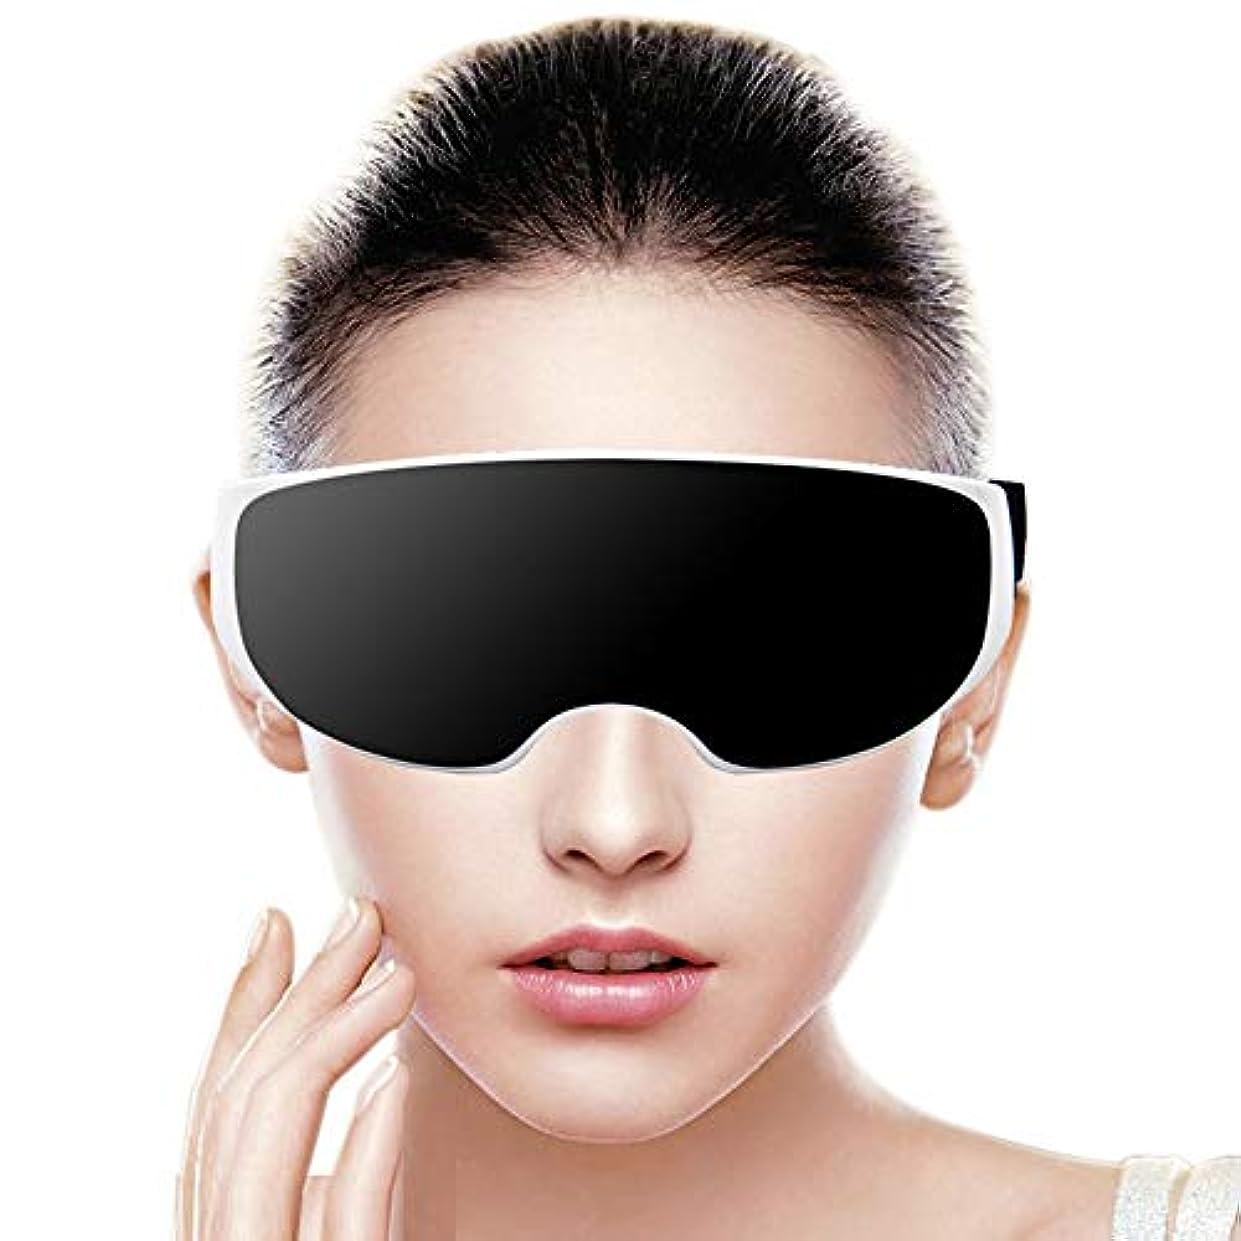 同盟コイル省電磁気療法の目の心配の器械の目の心配の目のマッサージャーの目のマッサージャーは余分な目と目の疲労を取り除きます (Color : White)